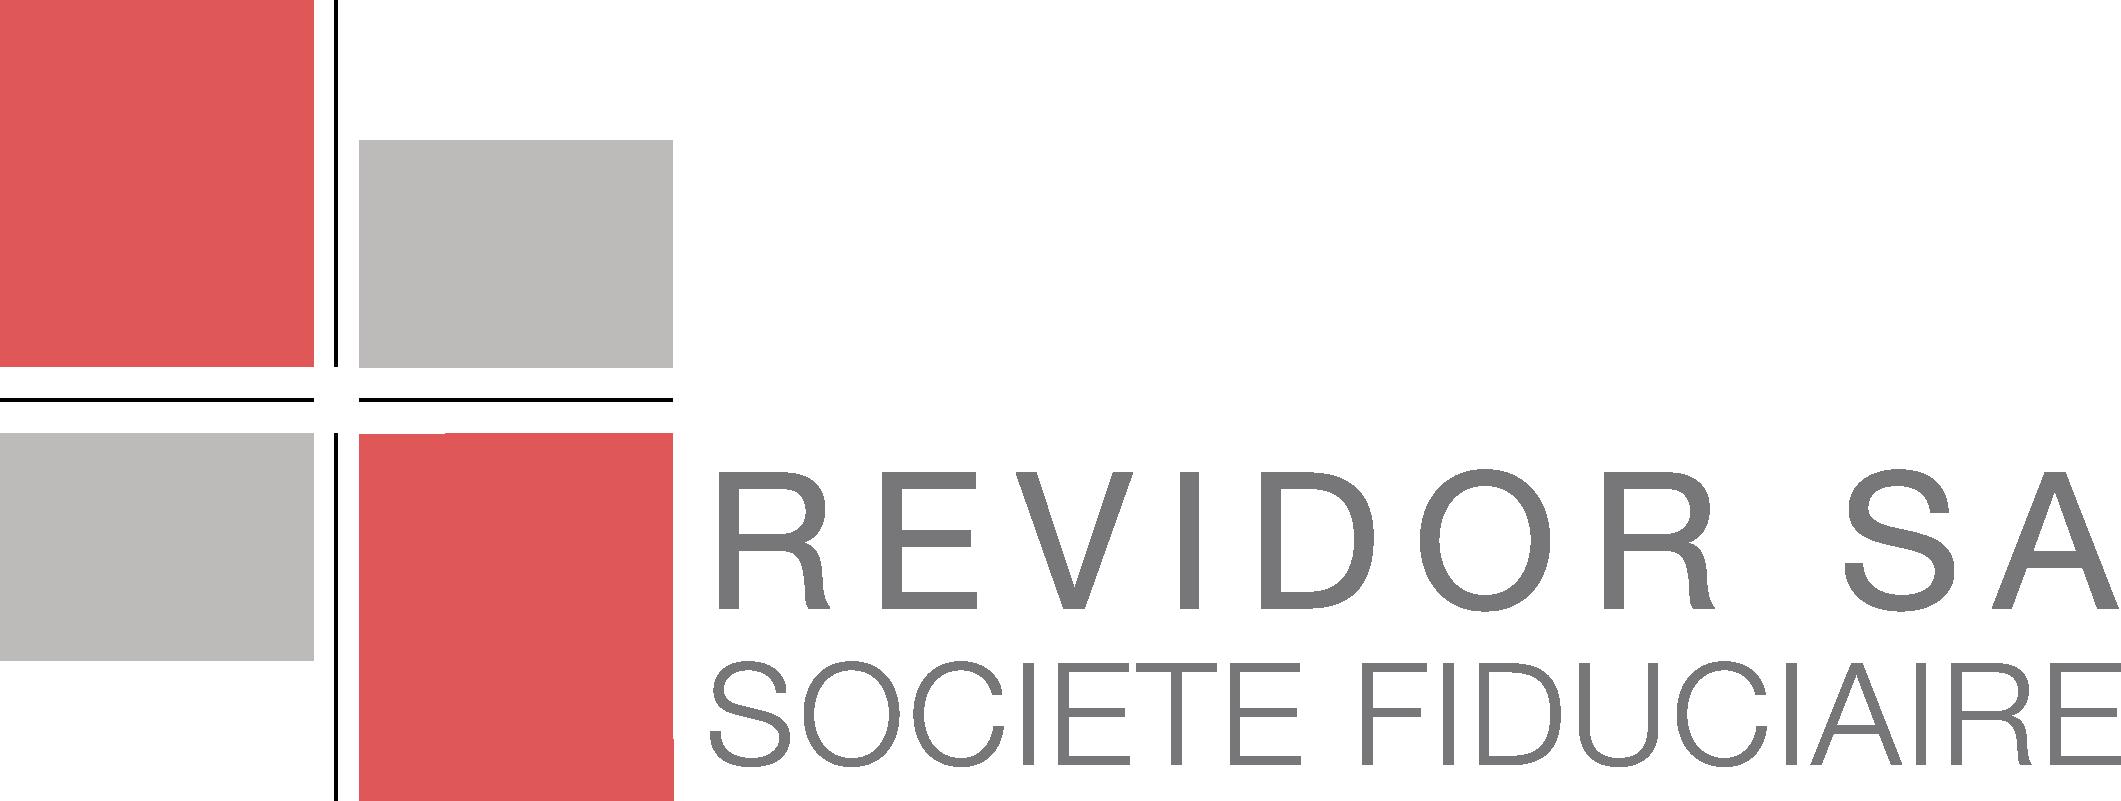 Revidor Société Fiduciaire SA